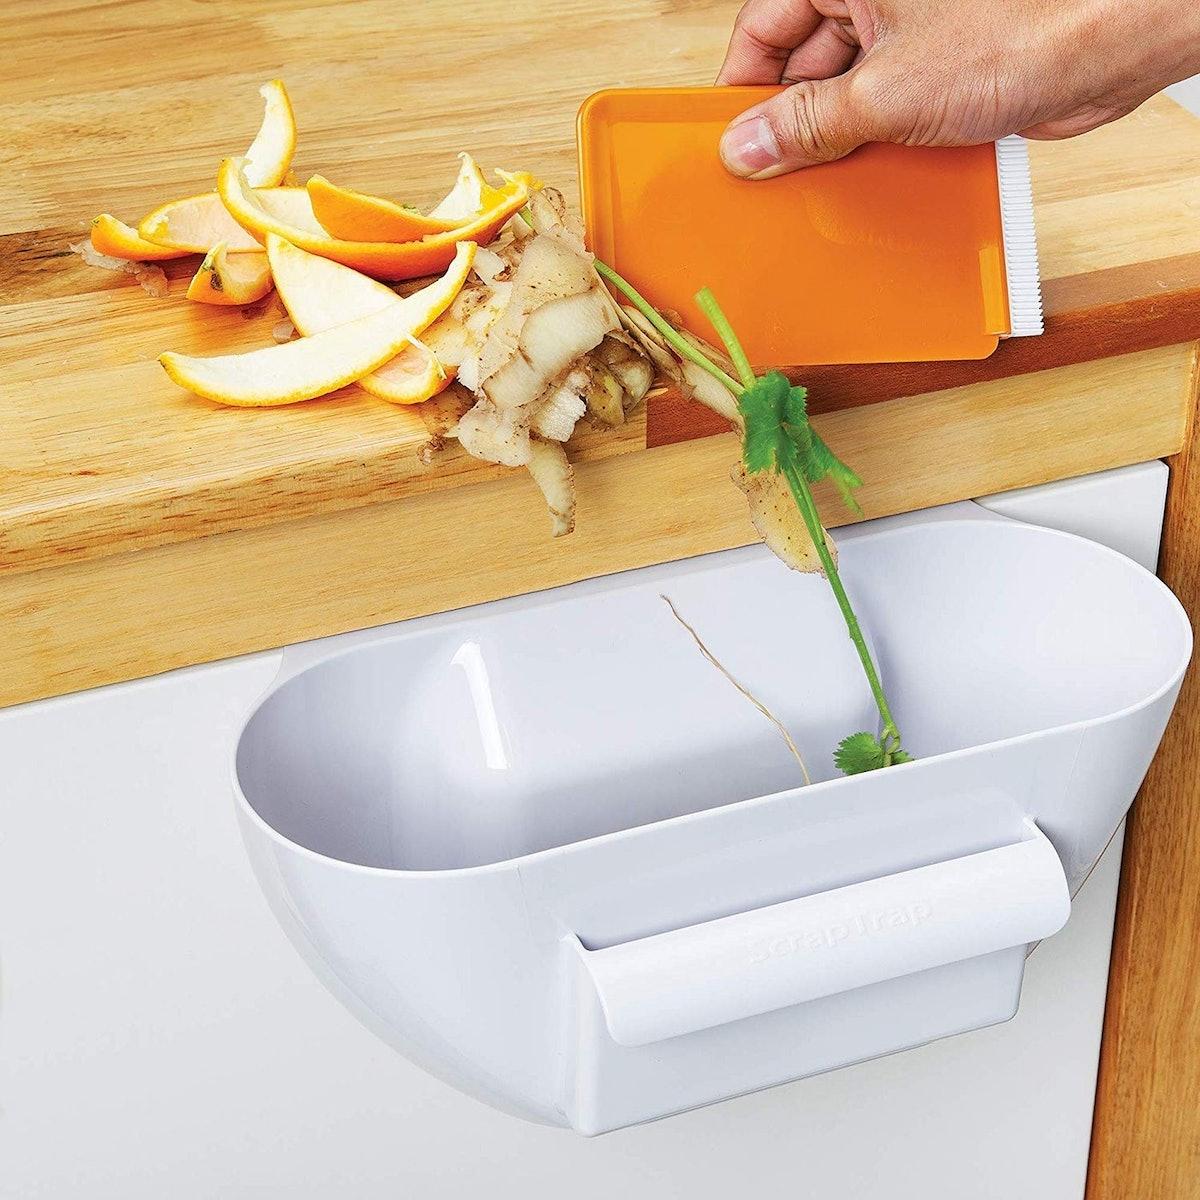 KitchenArt Scrap Trap With Scraper